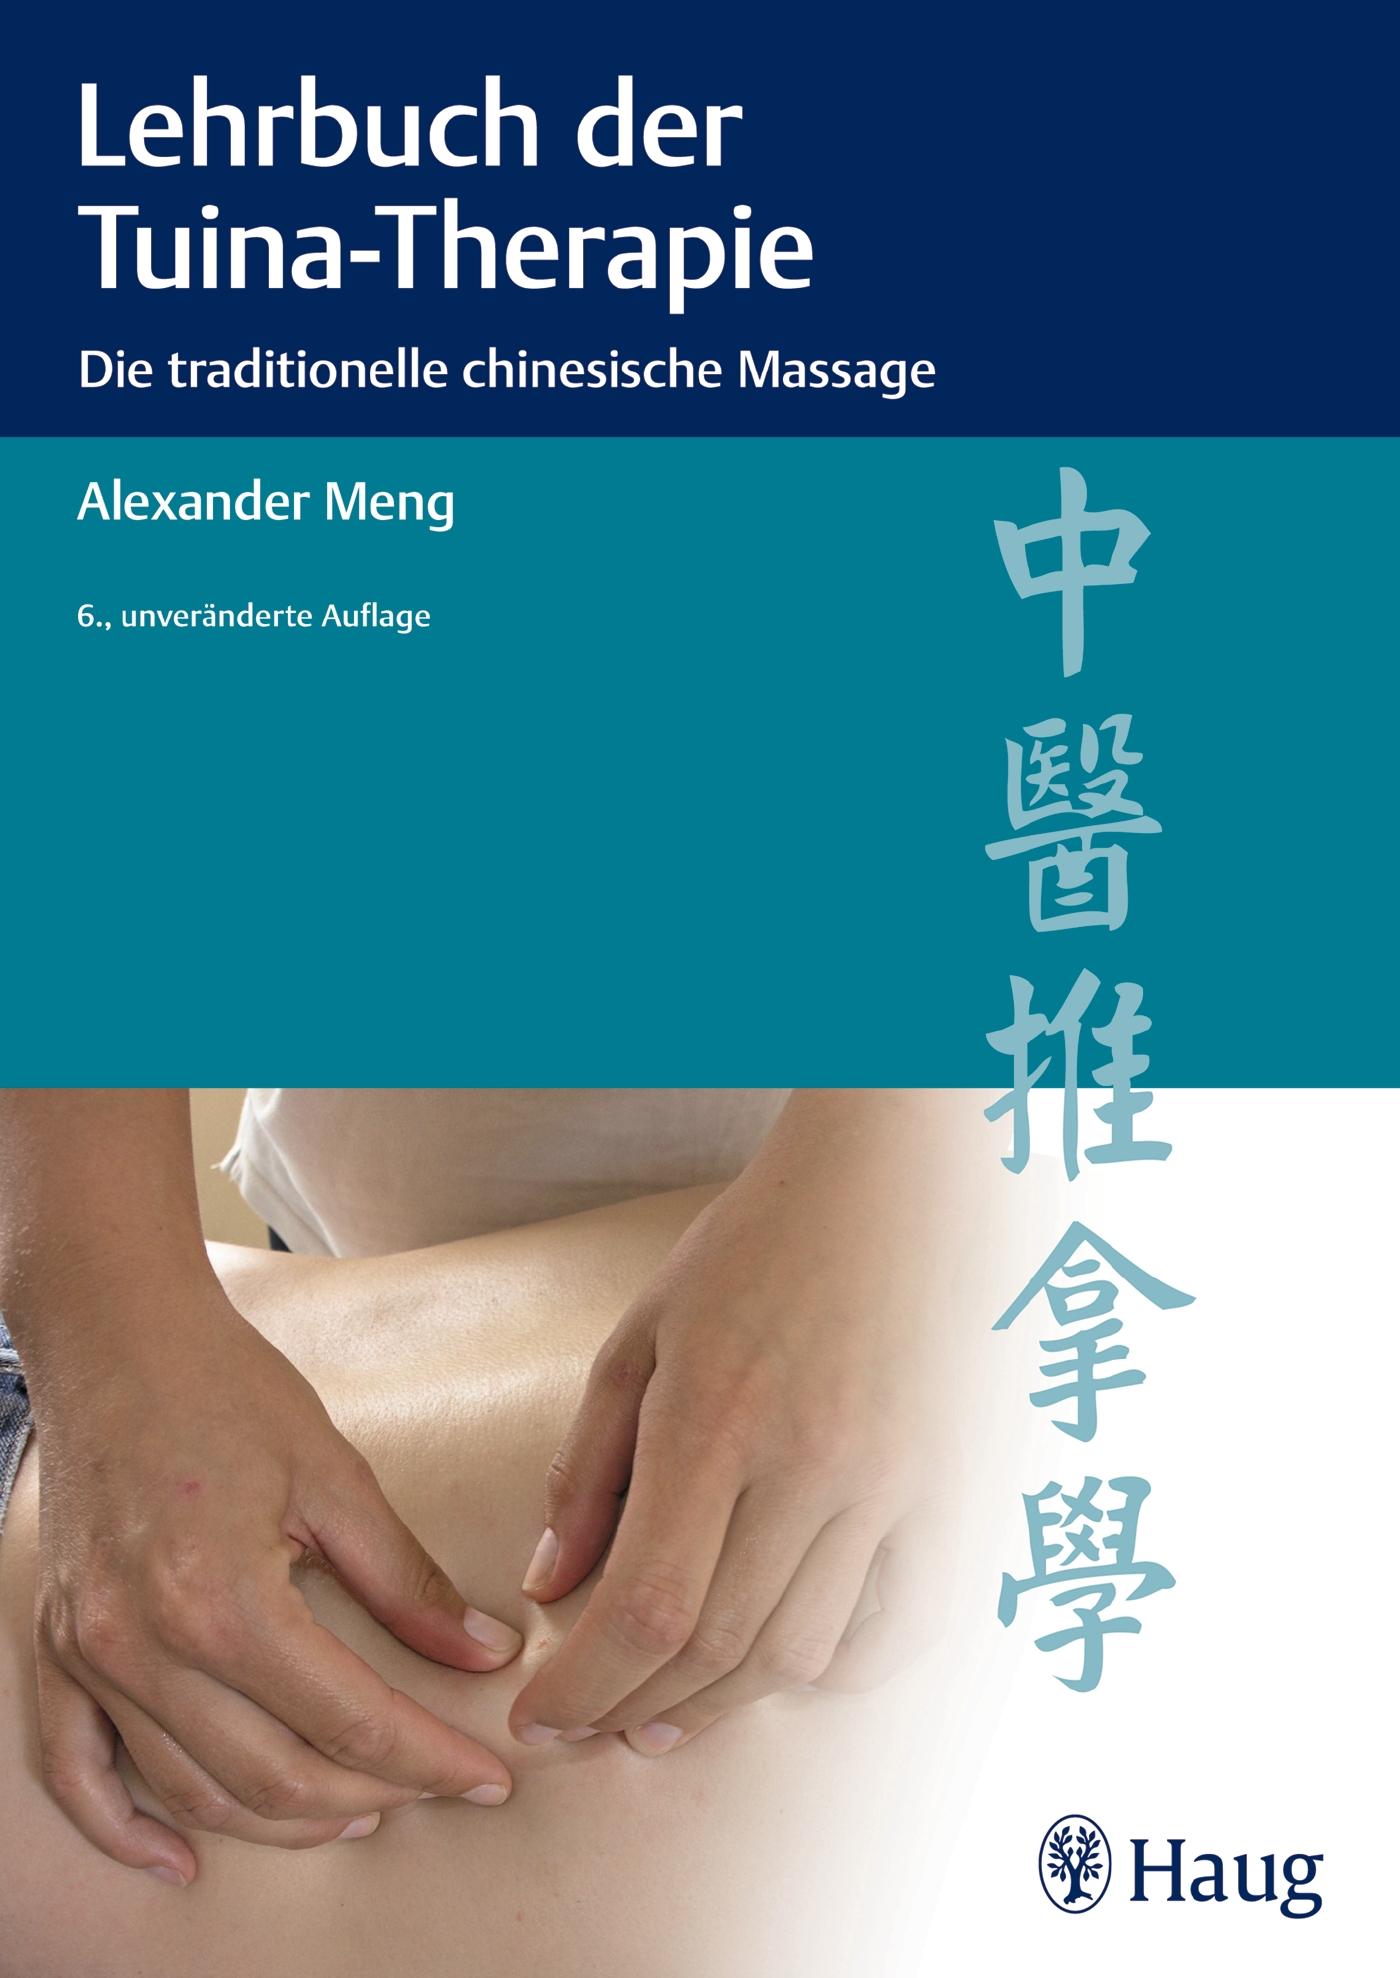 Lehrbuch der Tuina-Therapie